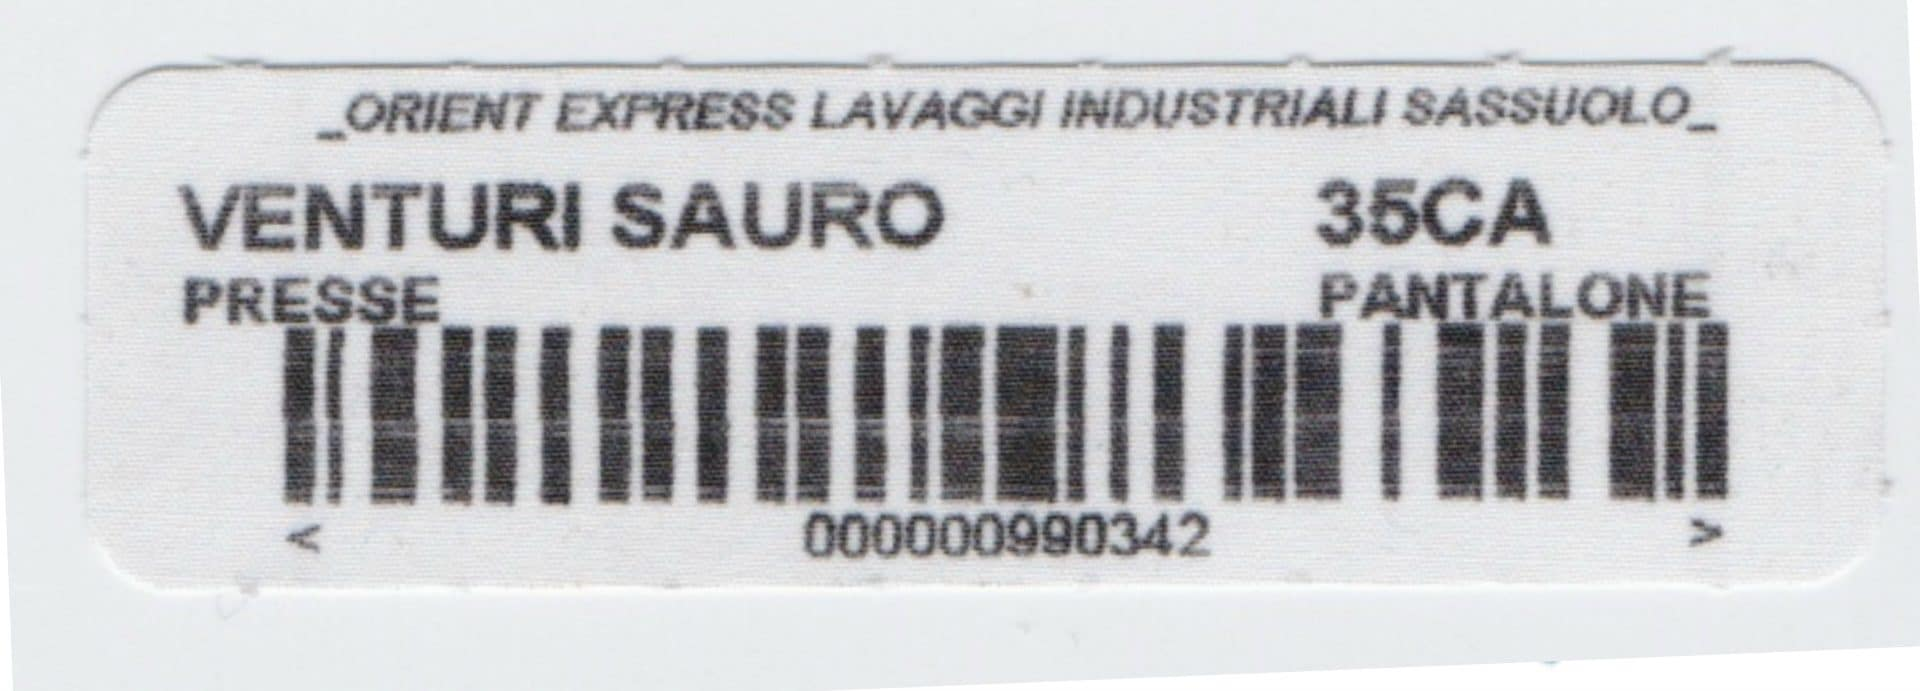 Jqrs3a5lc4 Da Express Lavaggio Industriale Abiti Lavoro Orient k8wOn0PX